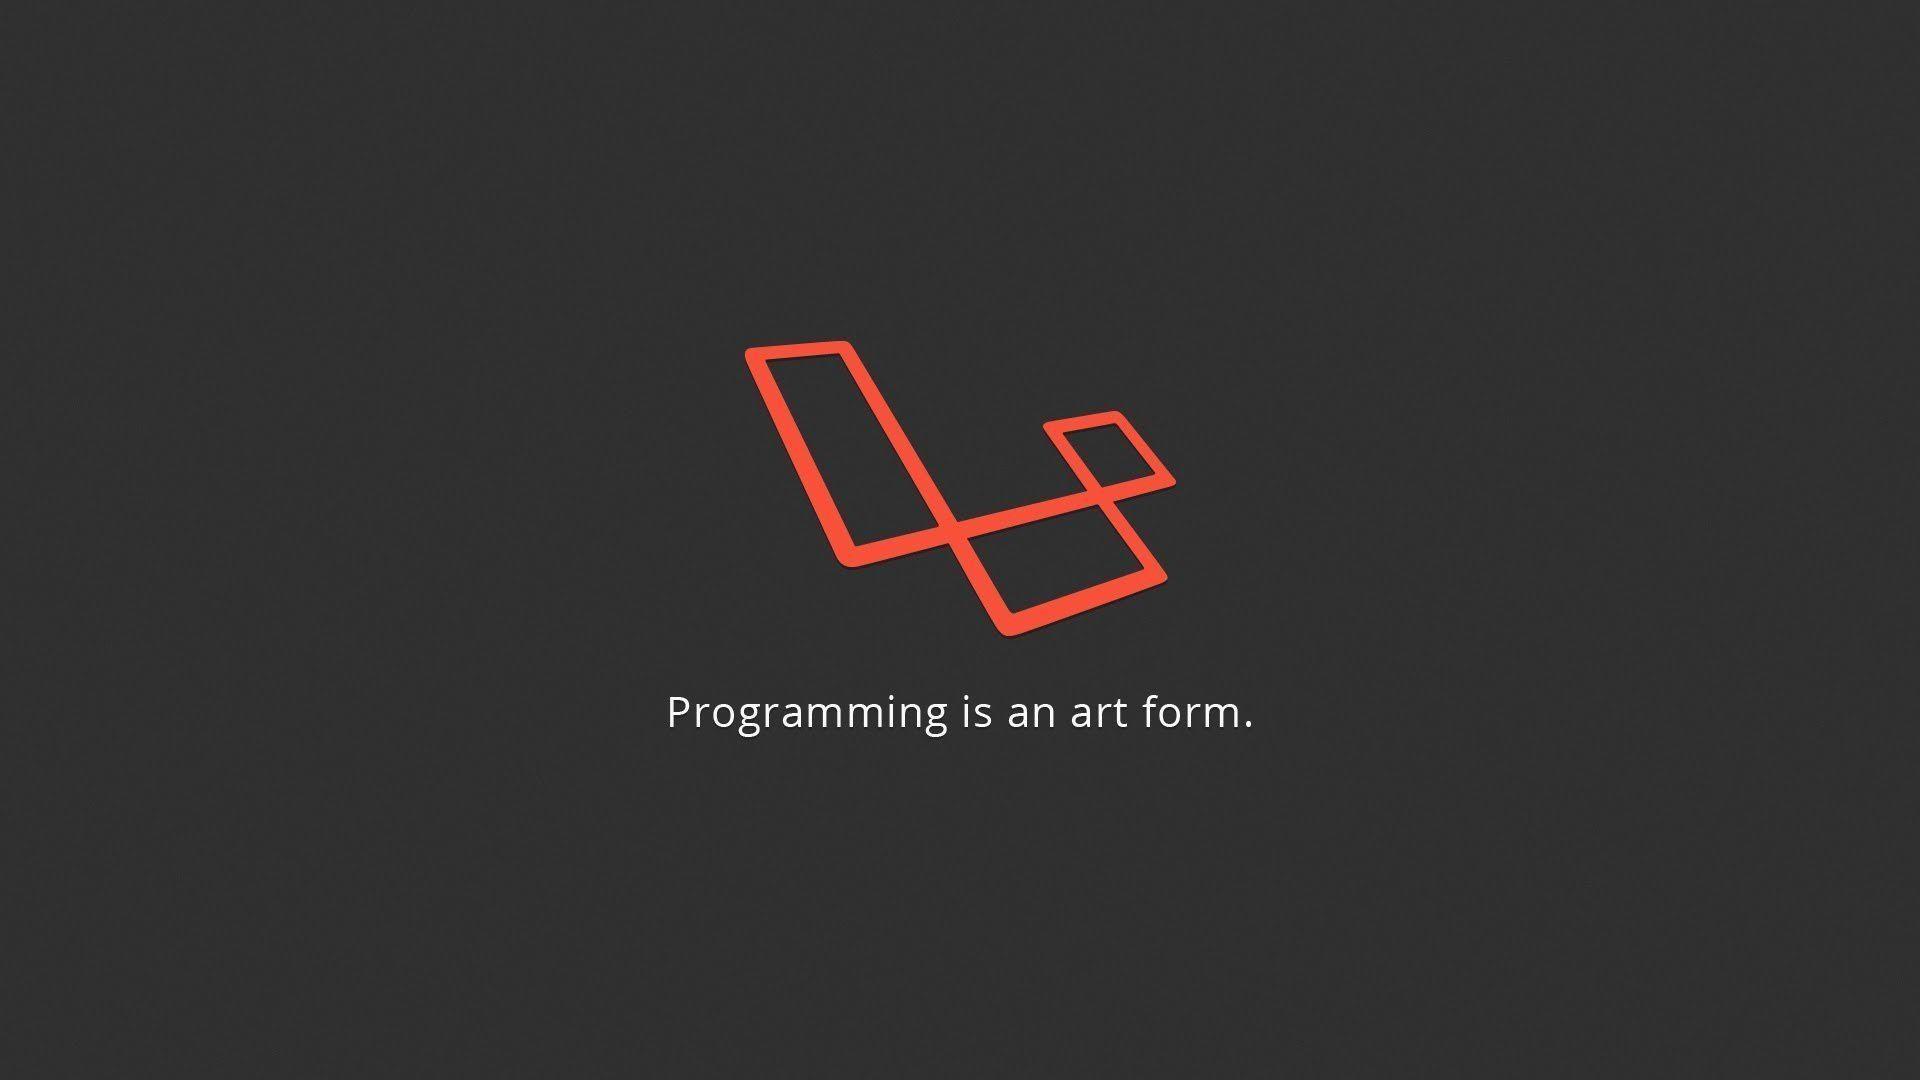 Programming Wallpaper HD – WallpaperSafari